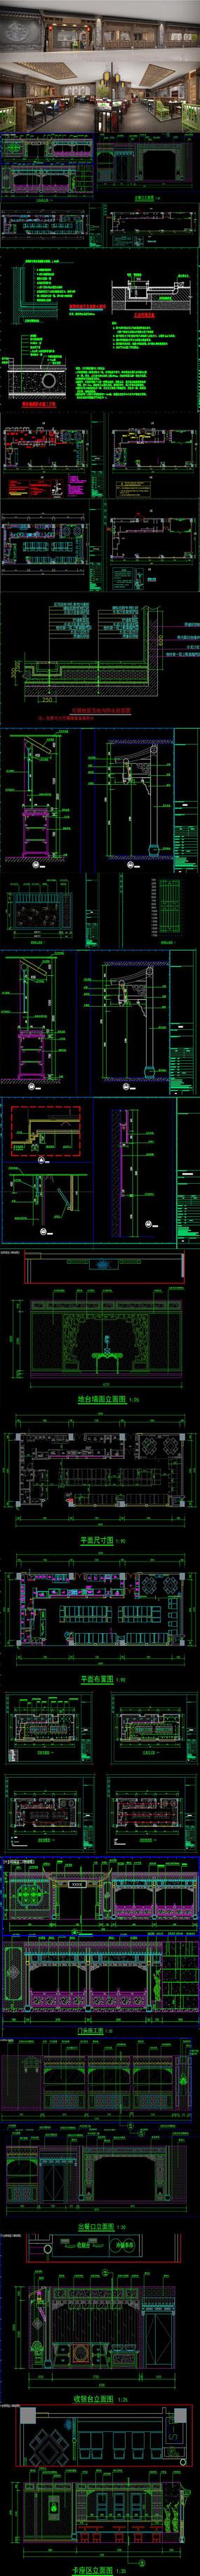 全套新中式火锅店CAD施工图 效果图